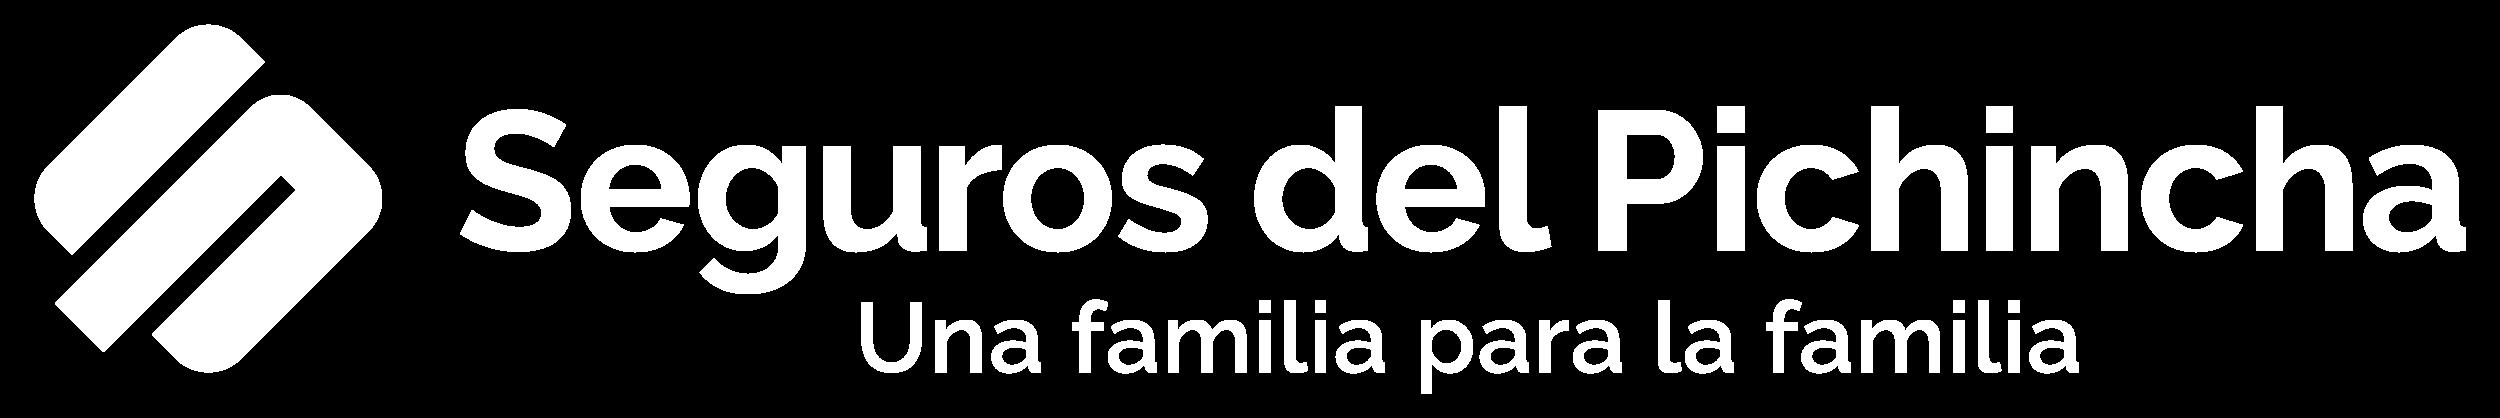 seguros del pichincha seguros de vida ecuador